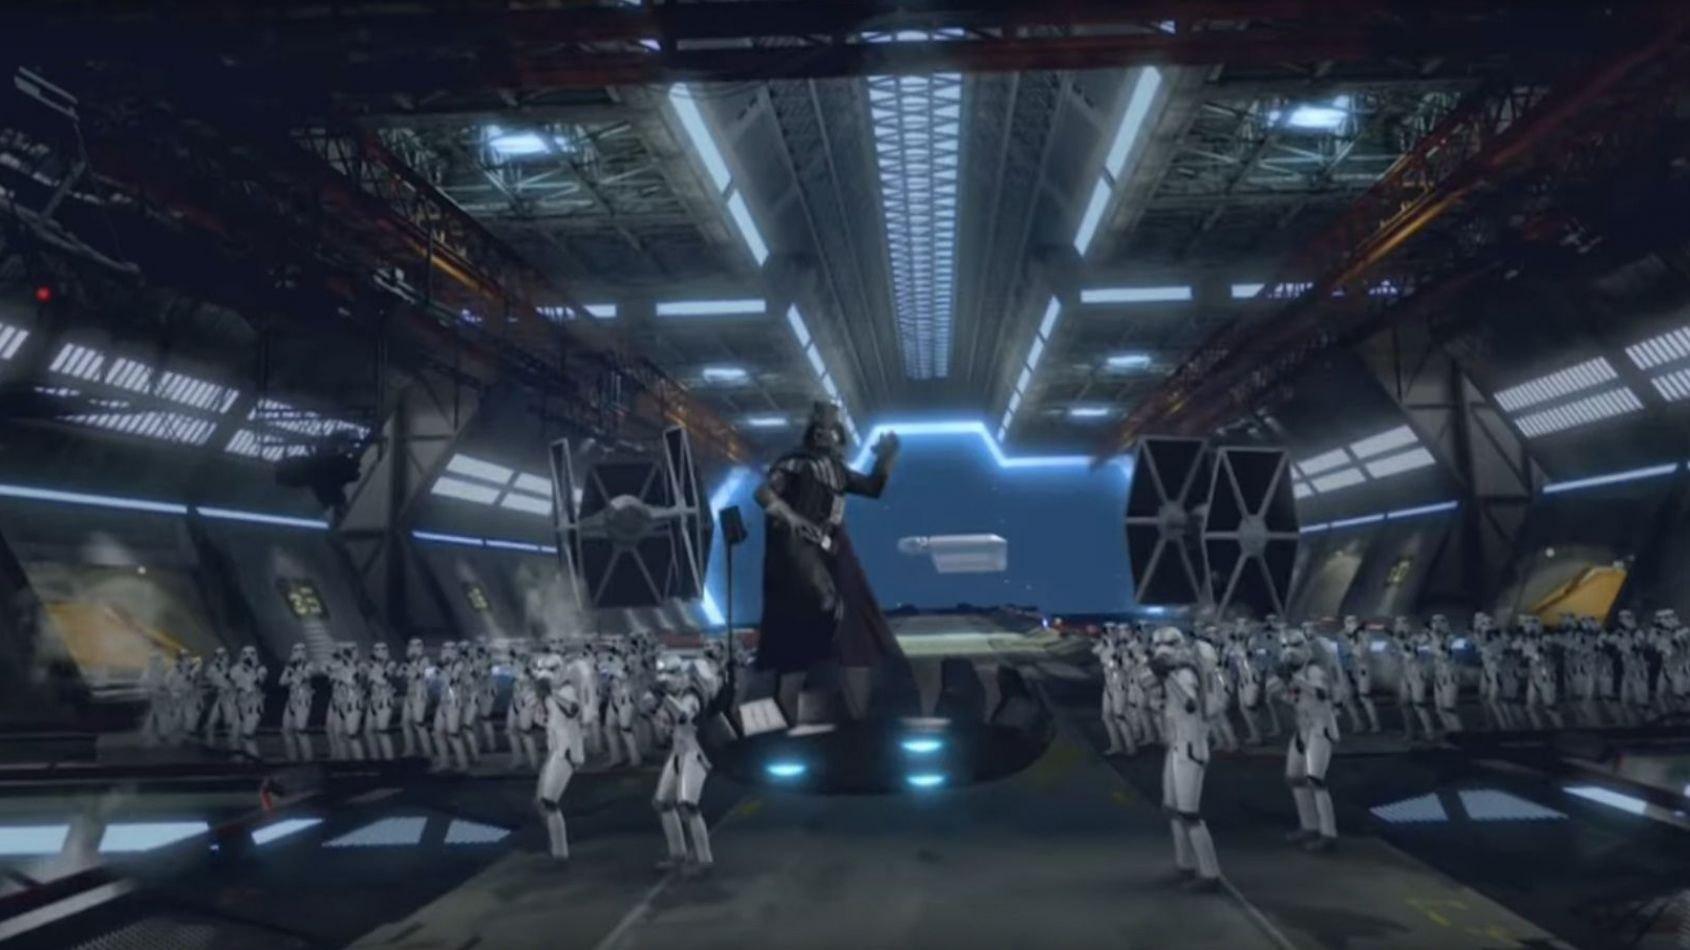 Un aperçu vidéo officiel pour Star Tours 2 à Disneyland Paris !